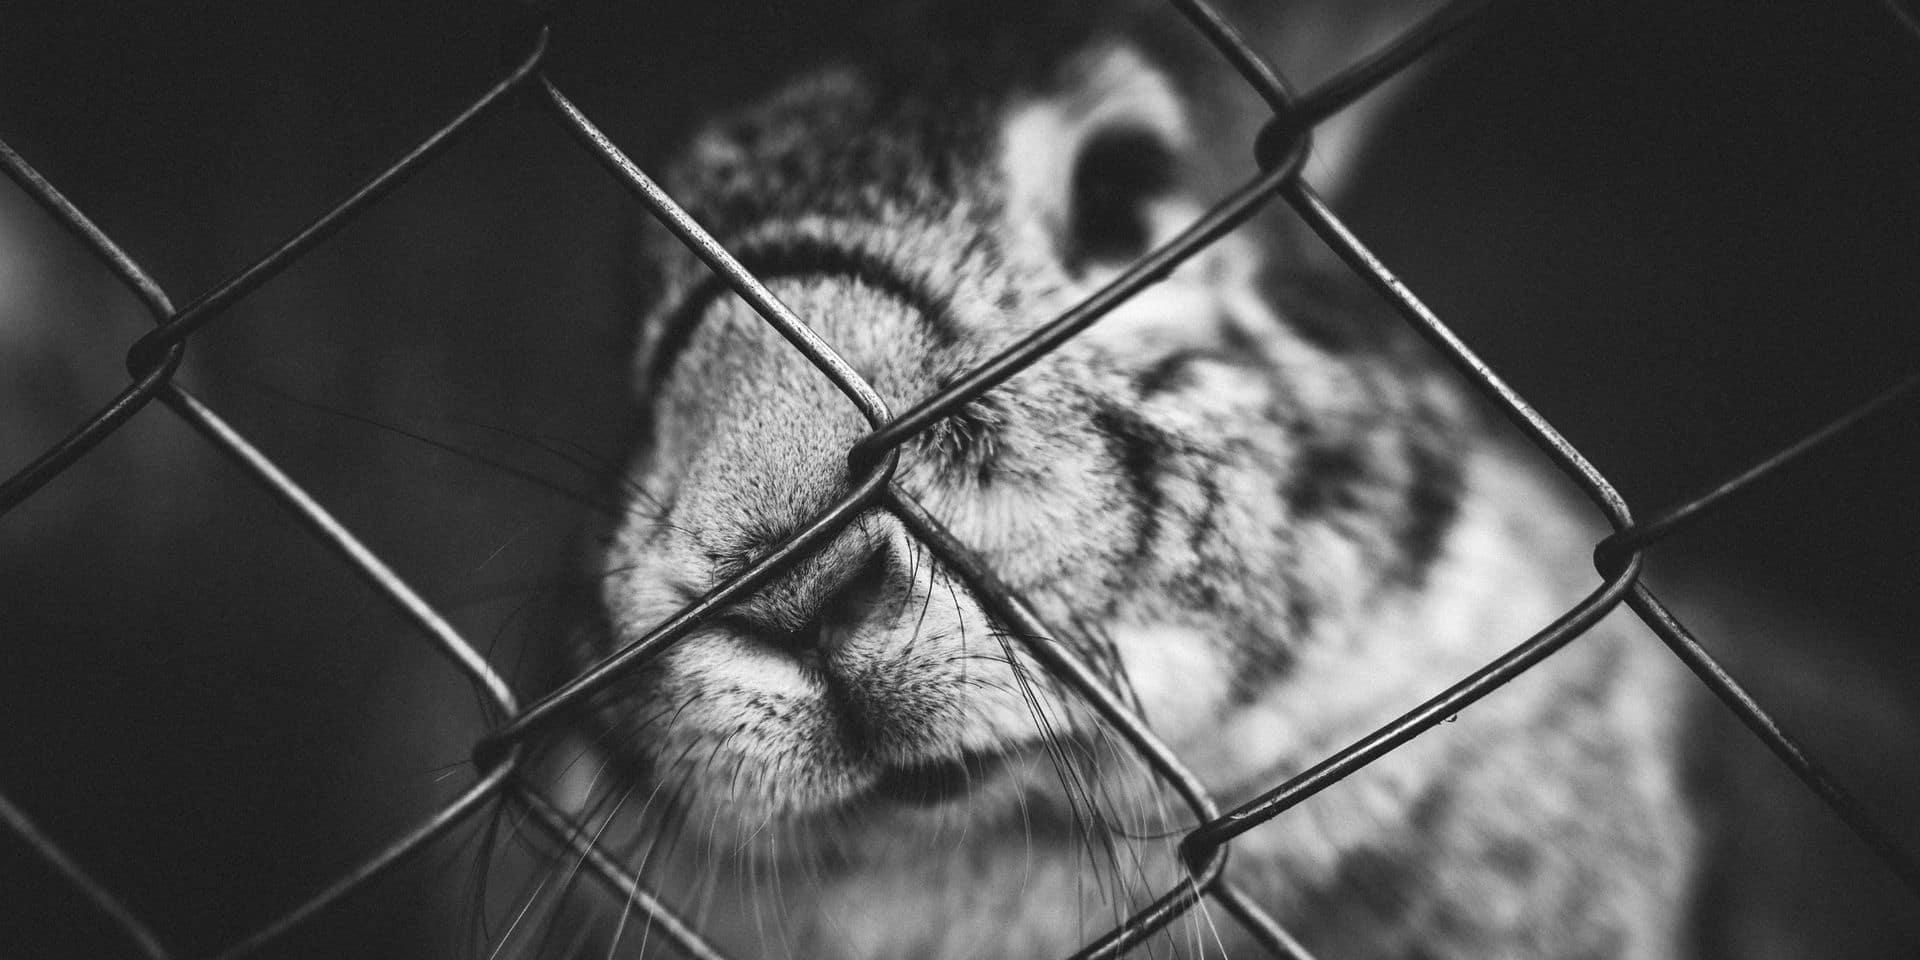 """Des antispécistes s'introduisent dans un élevage belge et libèrent des lapins: """"On sait ce qu'on risque, mais ce n'est rien comparé à toute une vie en cage"""""""